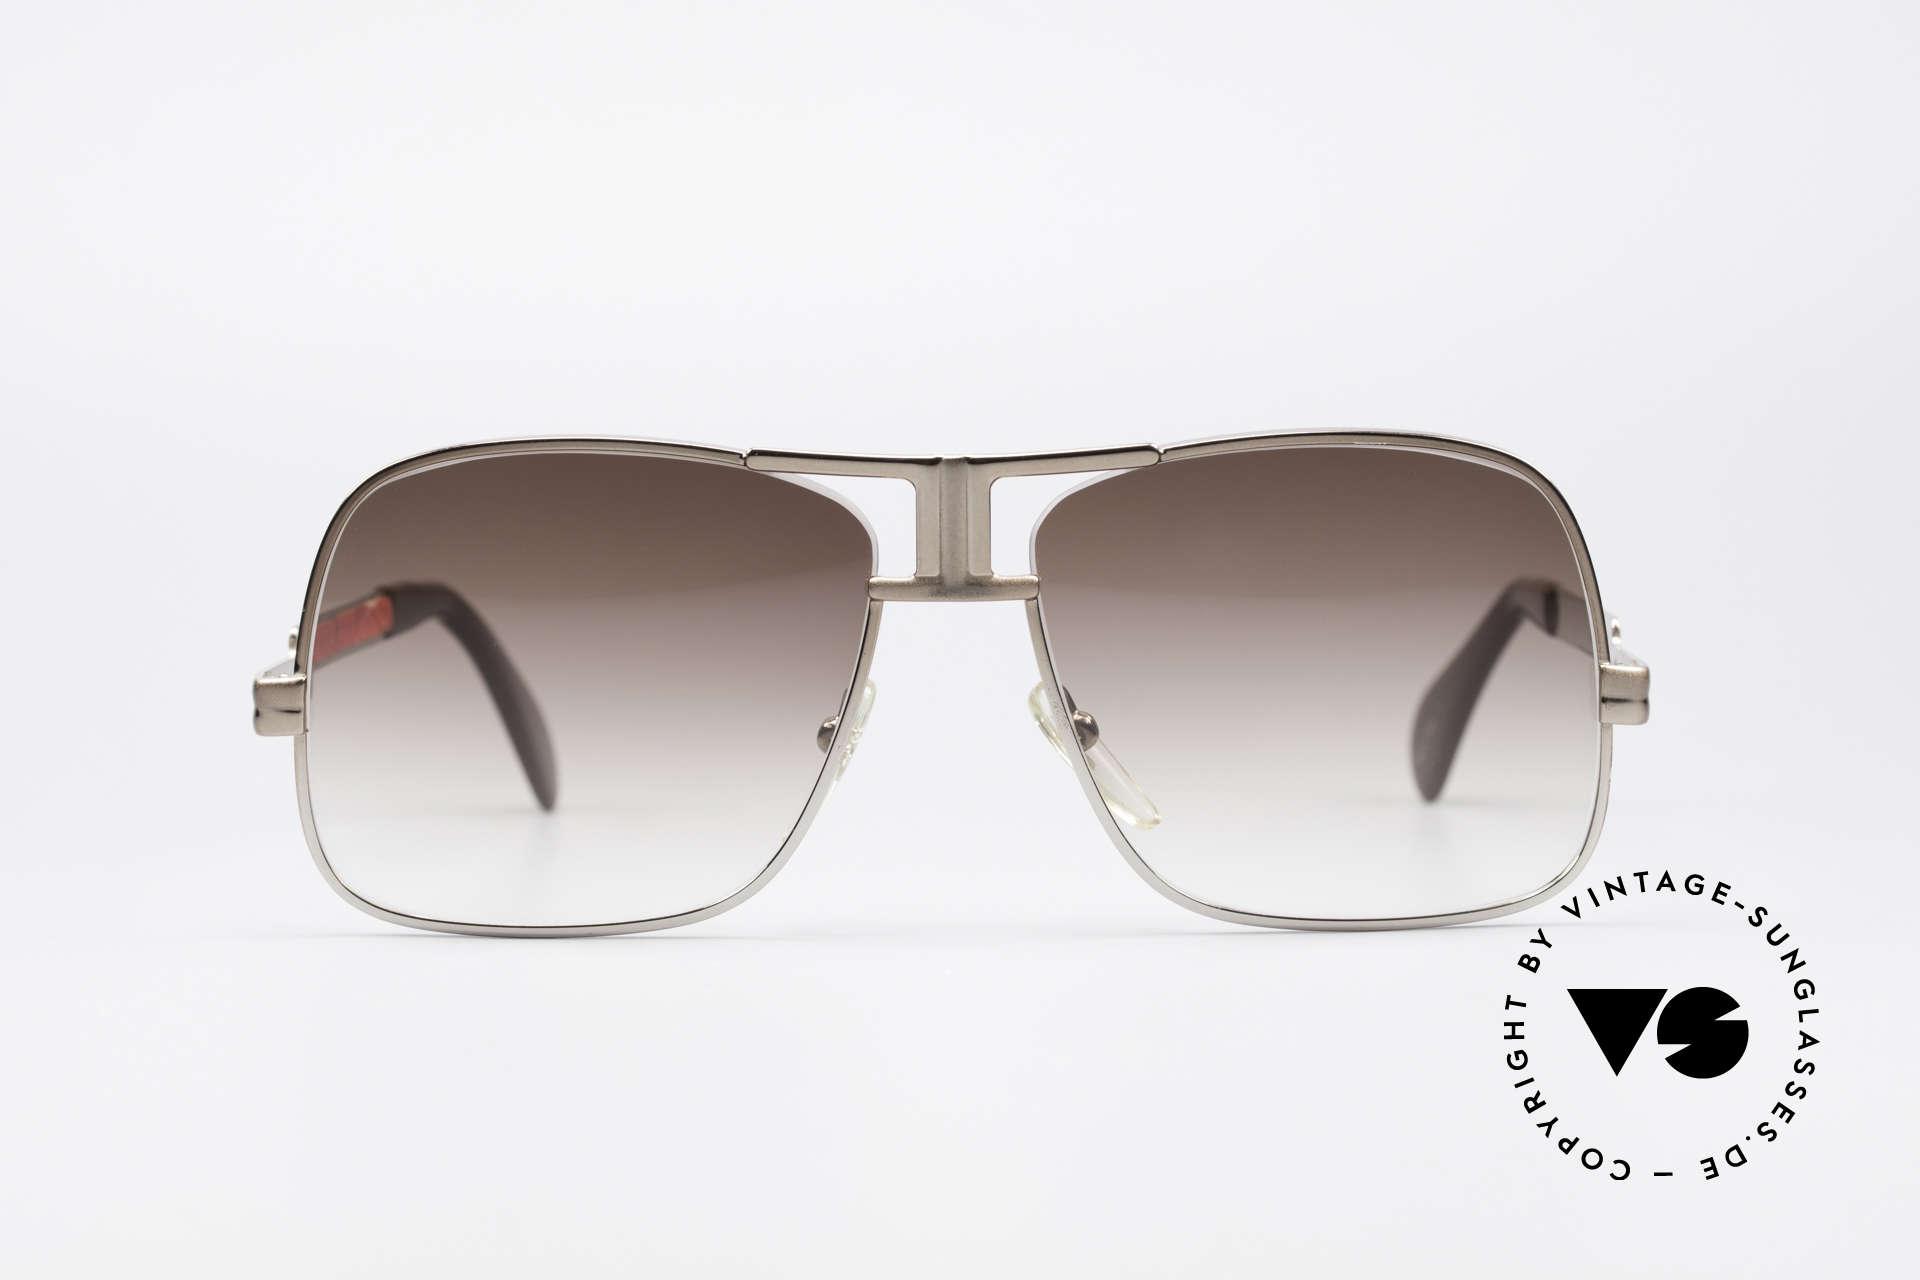 Cazal 701 Ultra Seltene 70er Sonnenbrille, monumentale Fertigungsqualität 'made in Germany', Passend für Herren